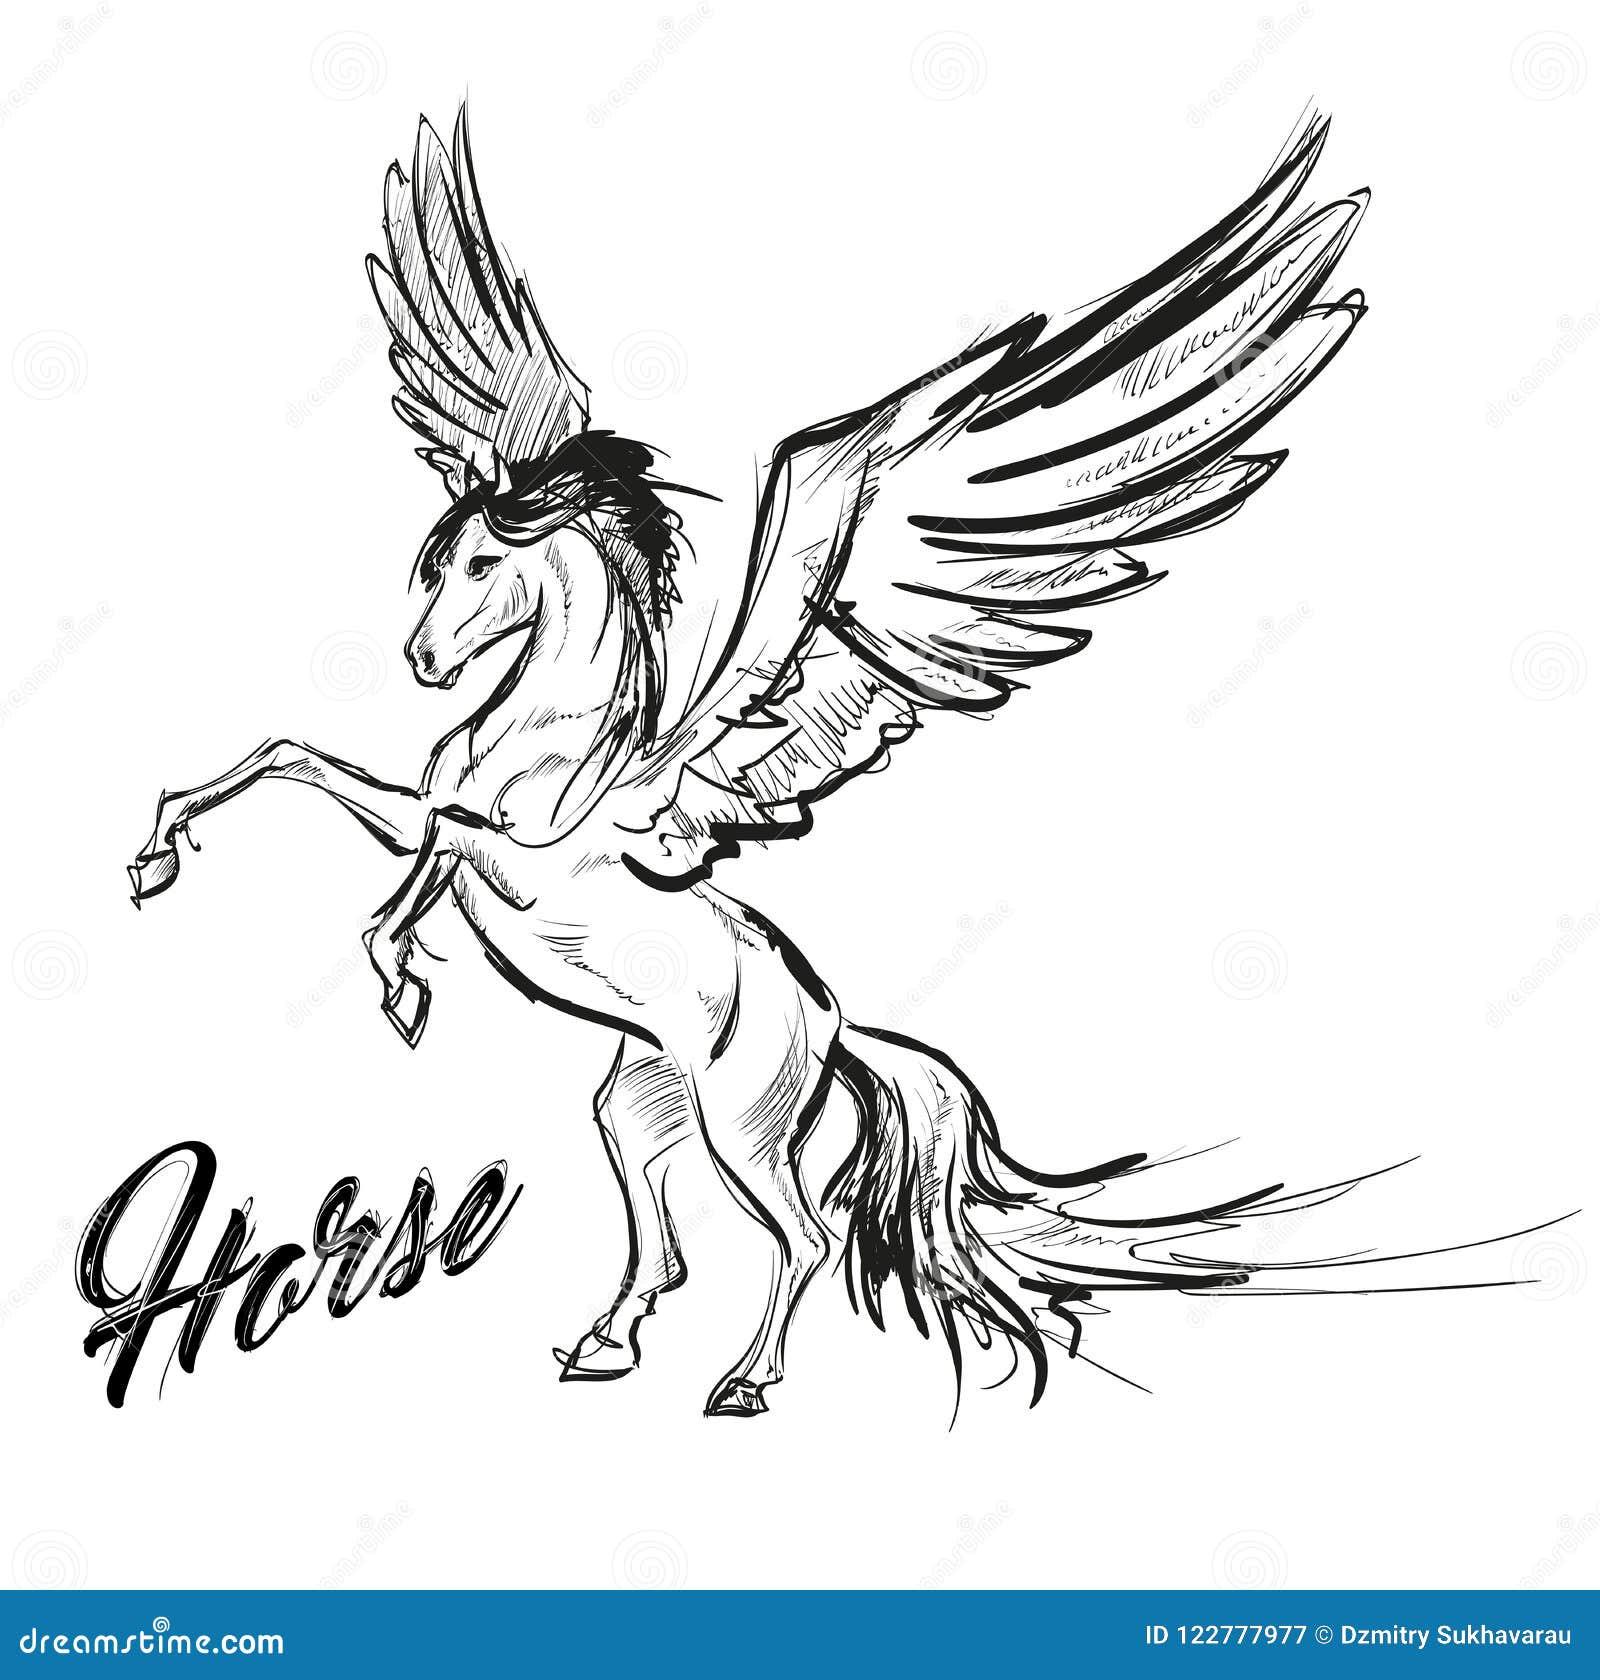 佩格瑟斯希腊神话生物